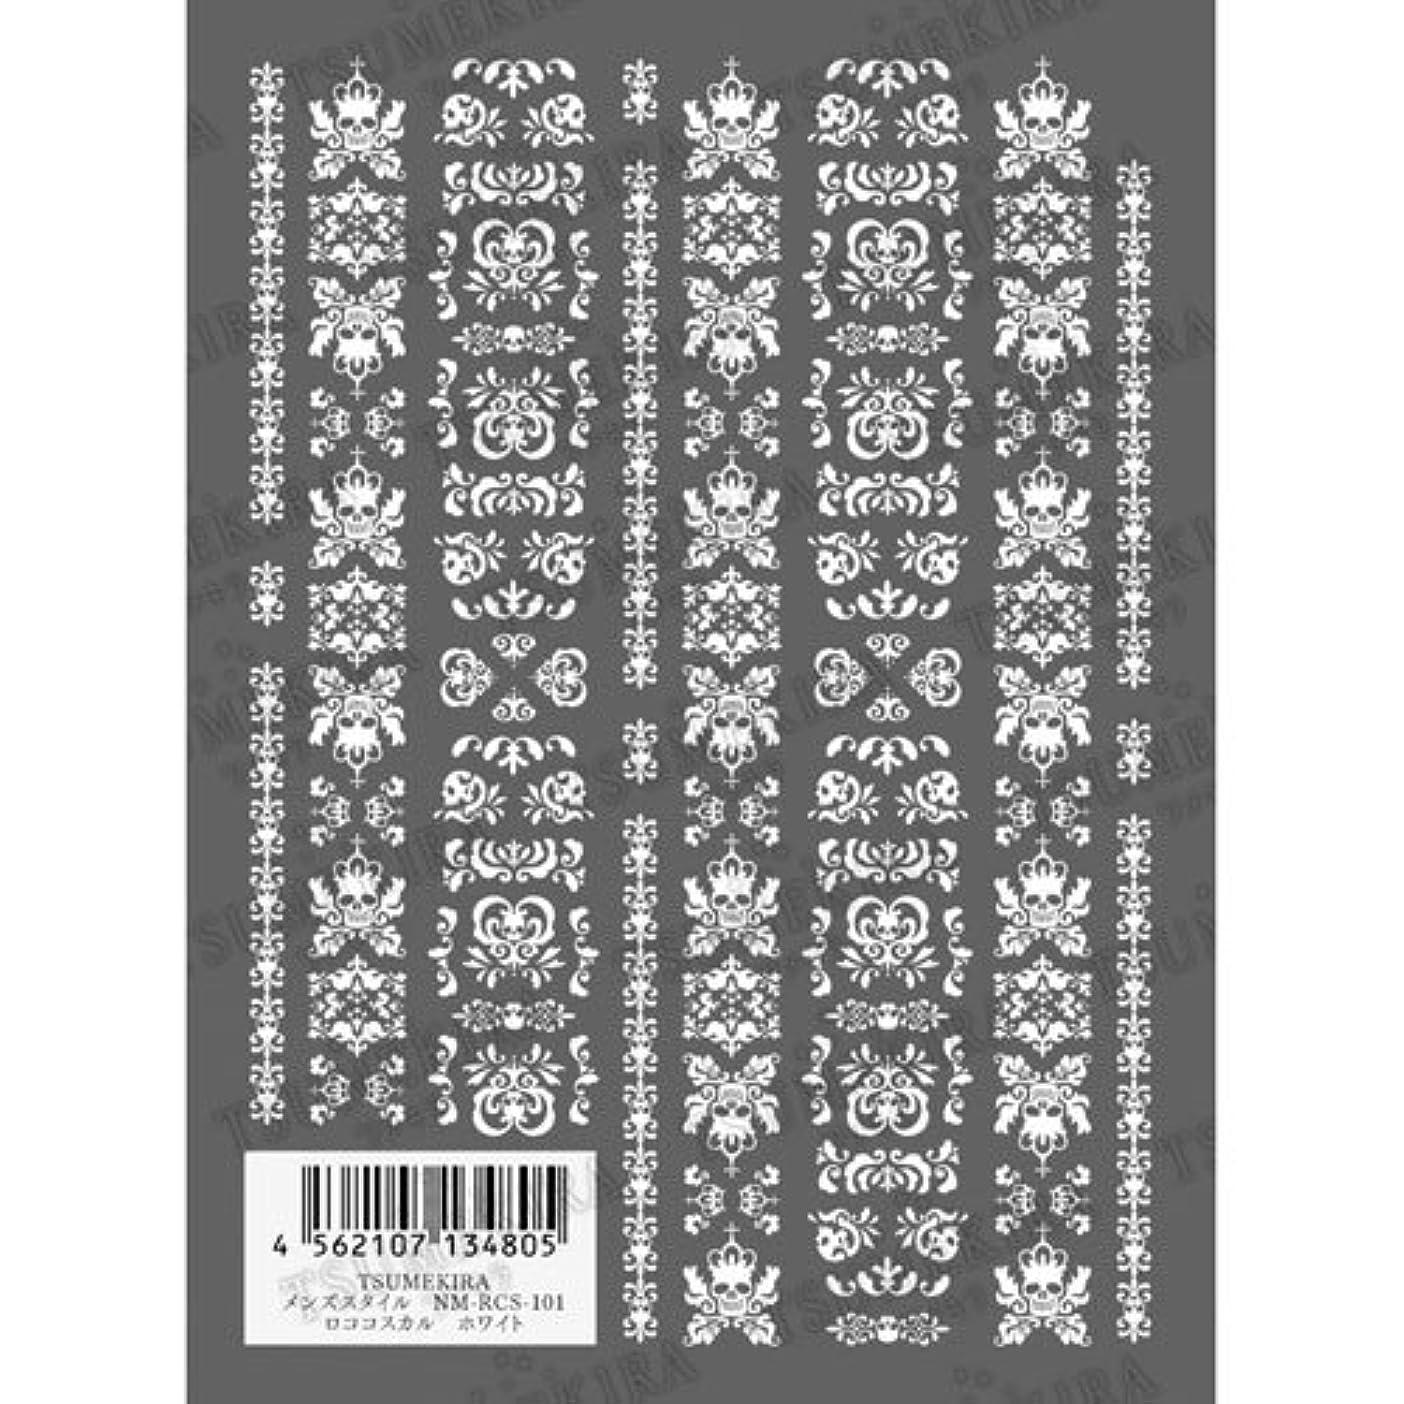 スクレーパーマトロンモニカツメキラ ネイル用シール メンズスタイル ロココスカル ホワイト